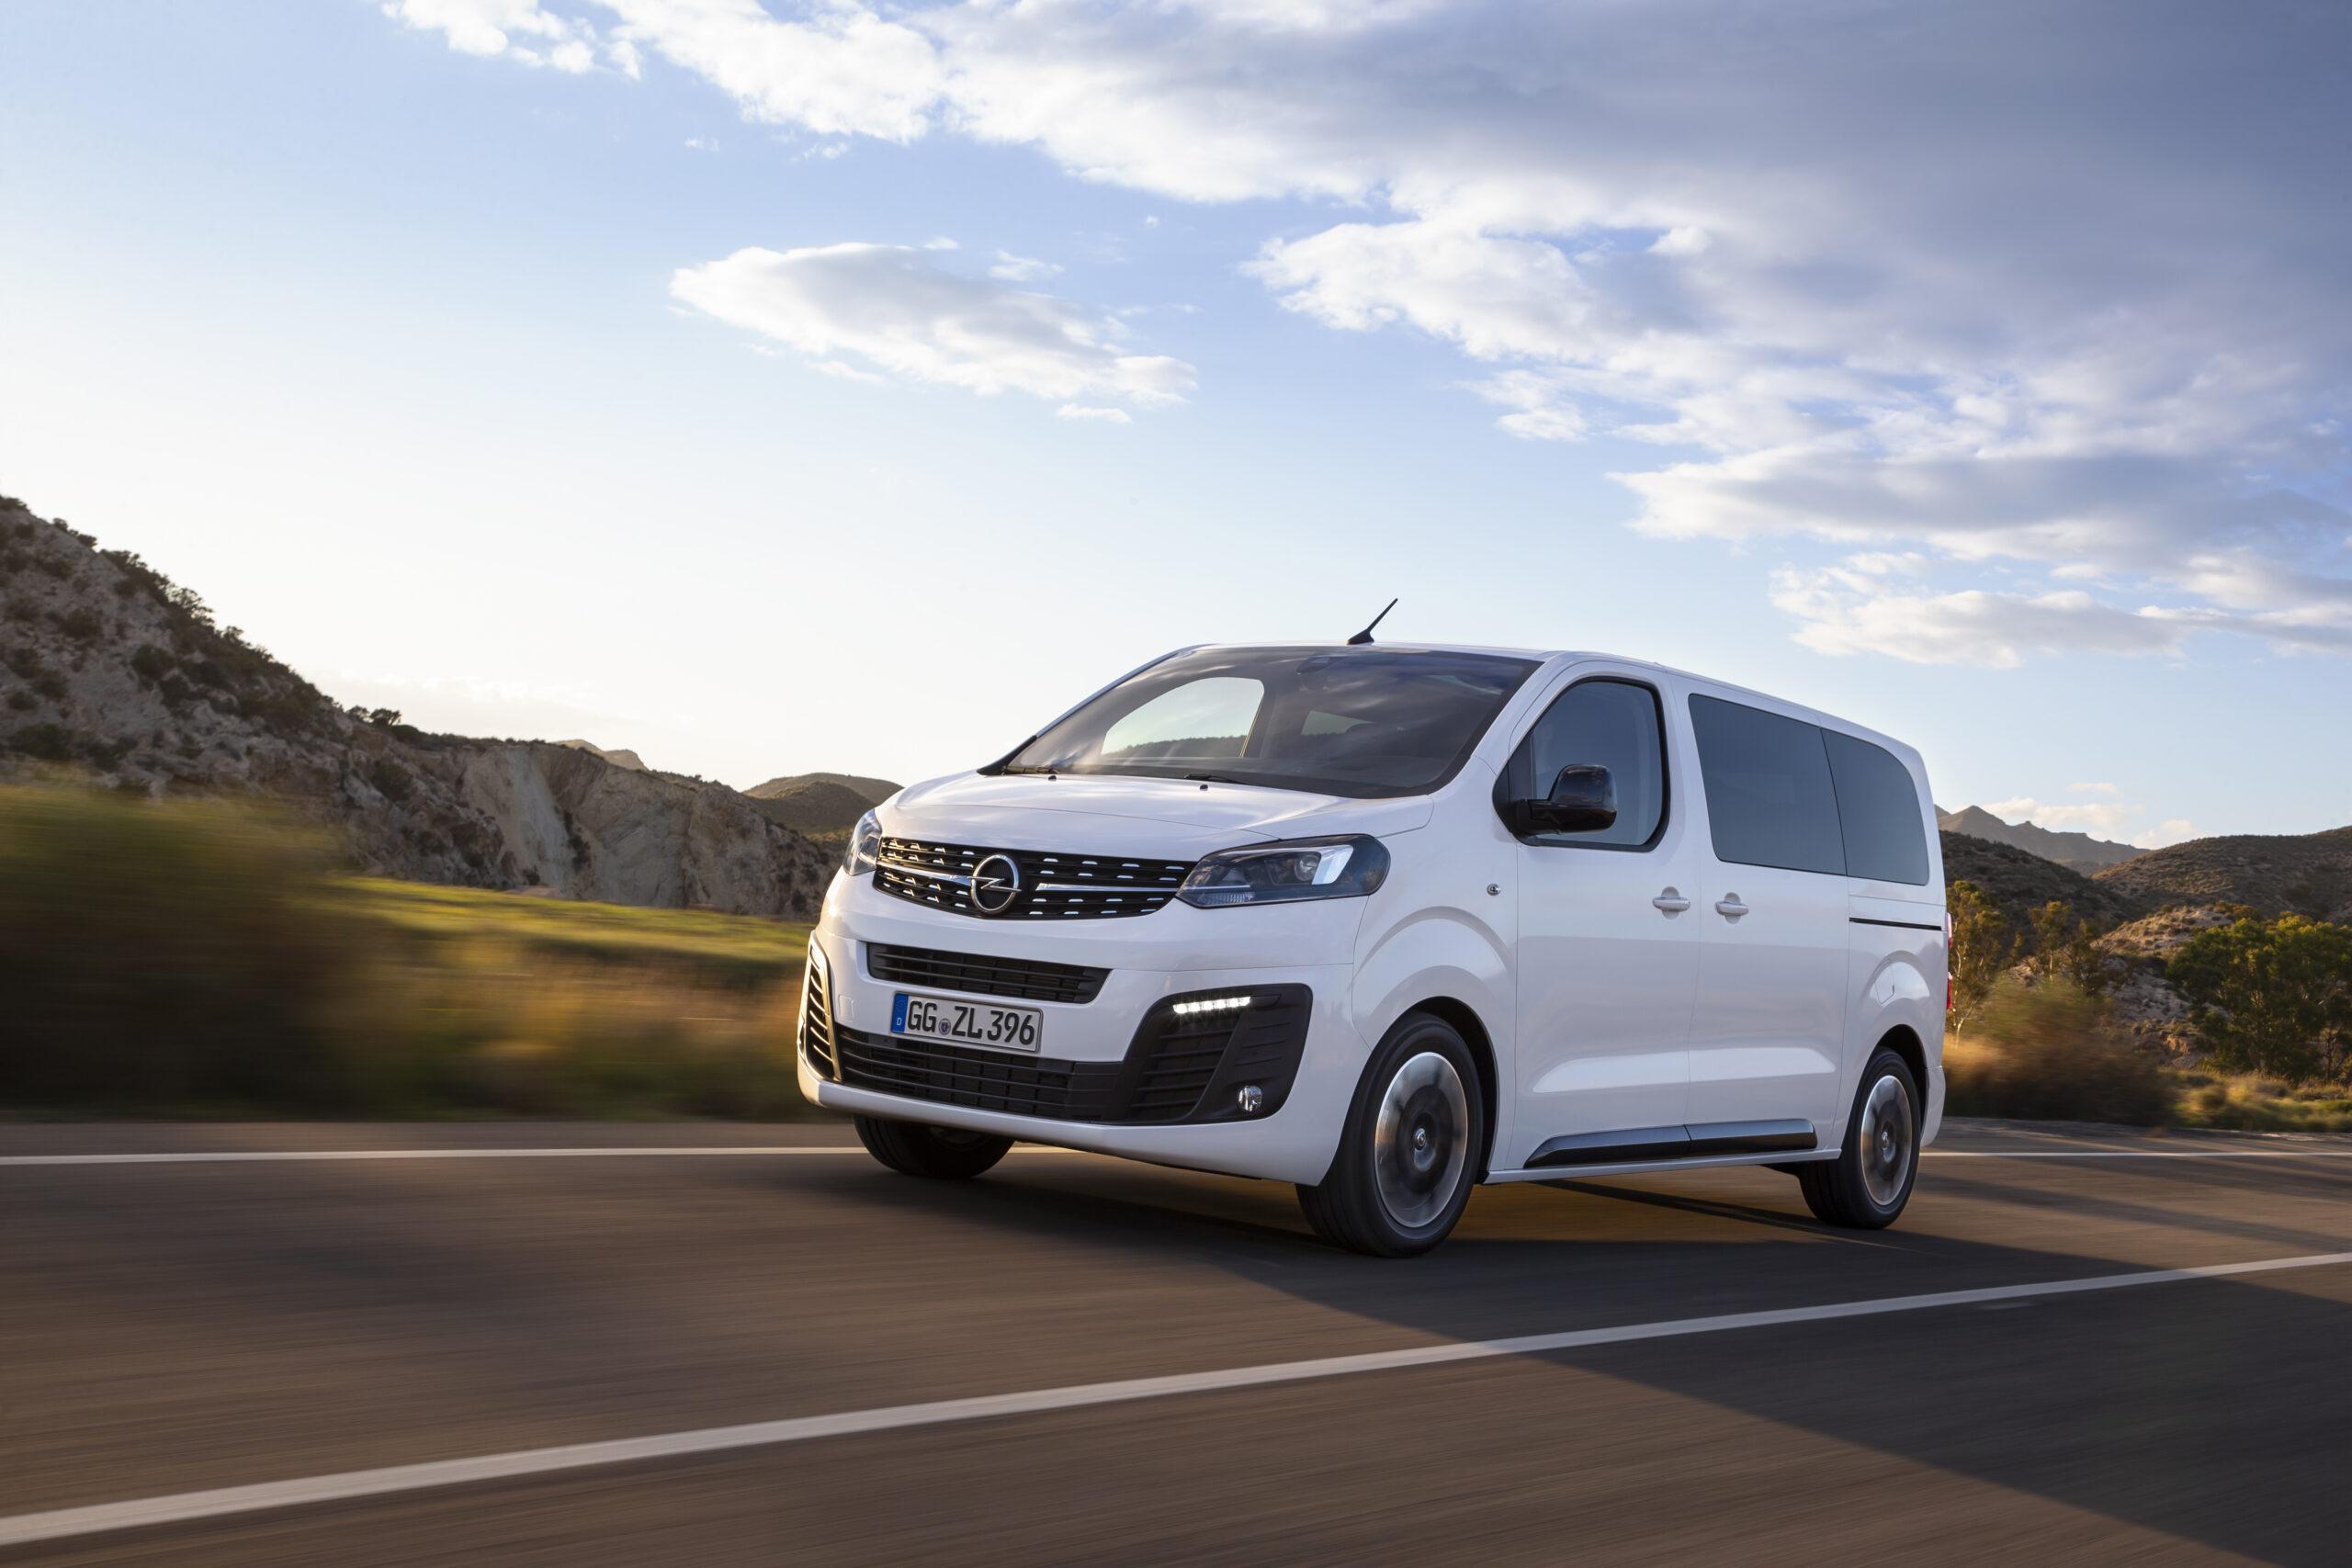 Opel zafira/vivaro L2